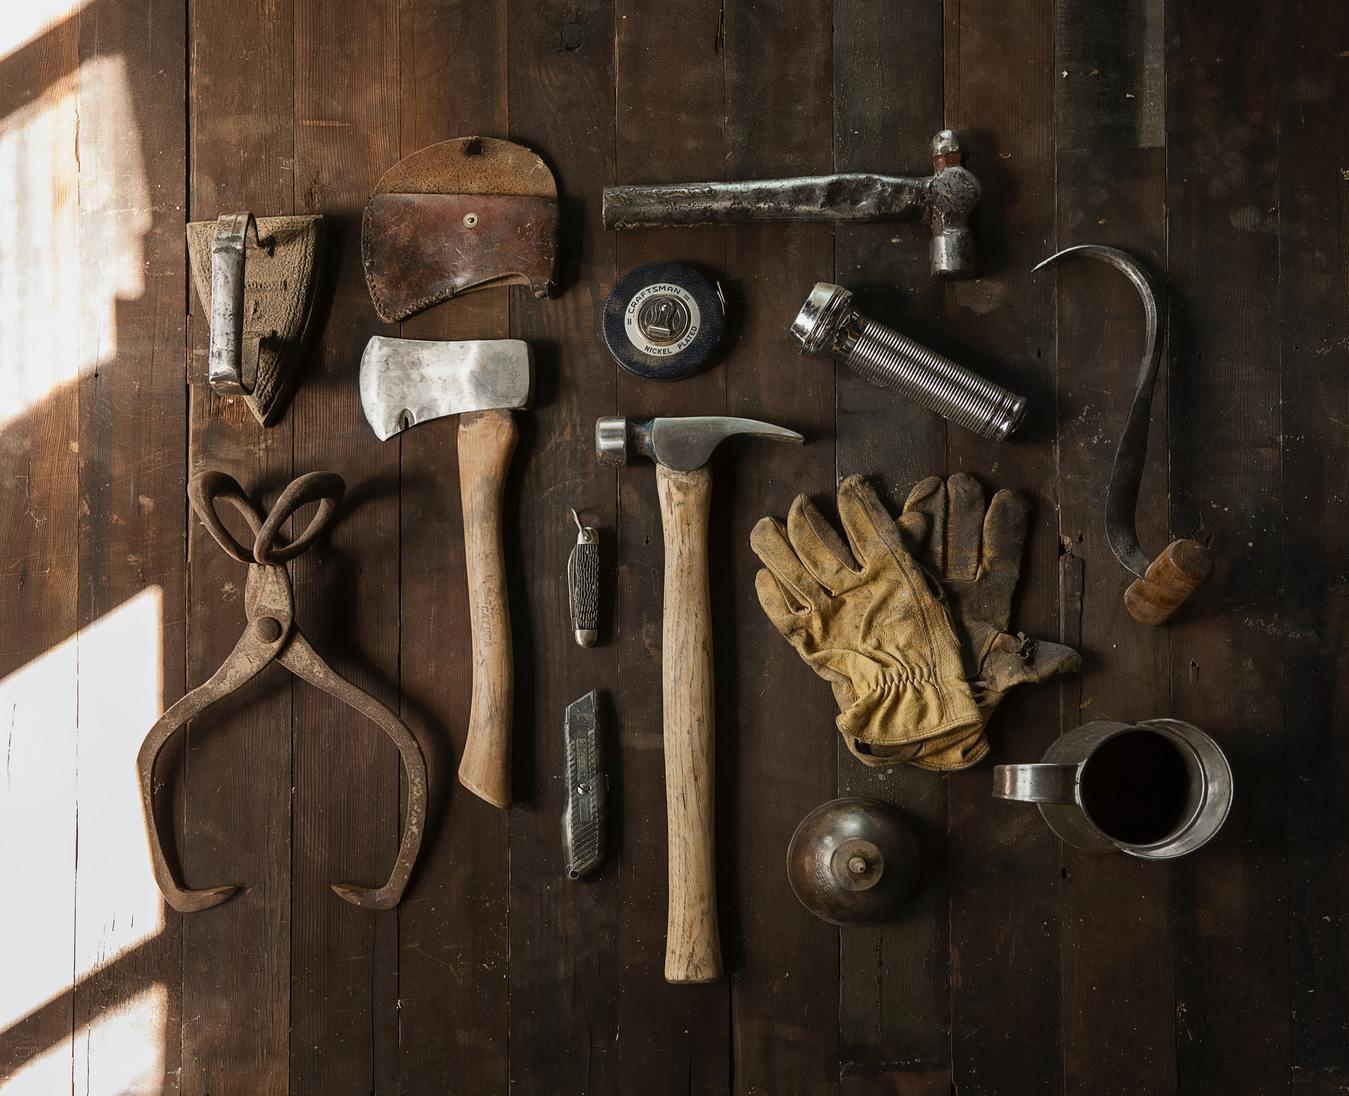 Zimmerei-Werkzeuge auf einem hölzernen Hintergrund